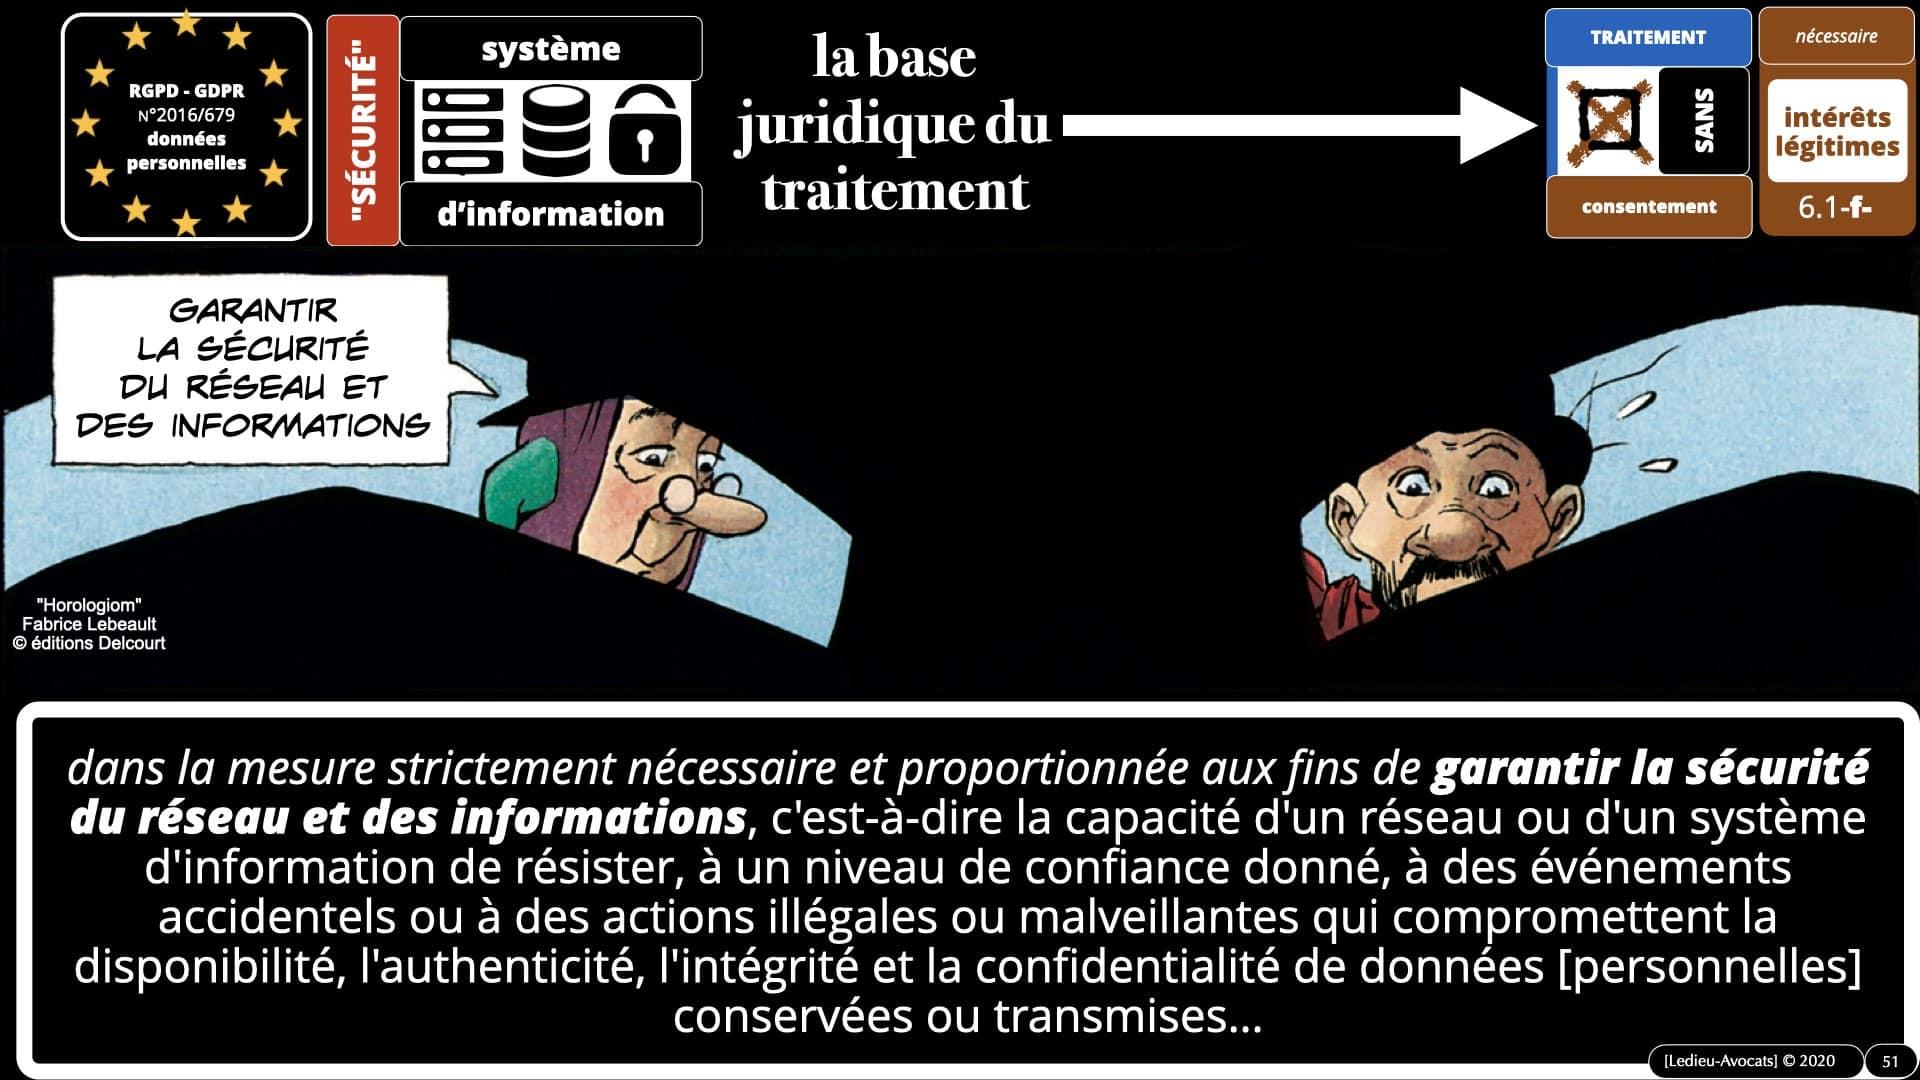 RGPD délibération CNIL Spartoo du 28 juillet 2020 n°SAN 2020-003 *16:9* ©Ledieu-Avocats 19-09-2020.051